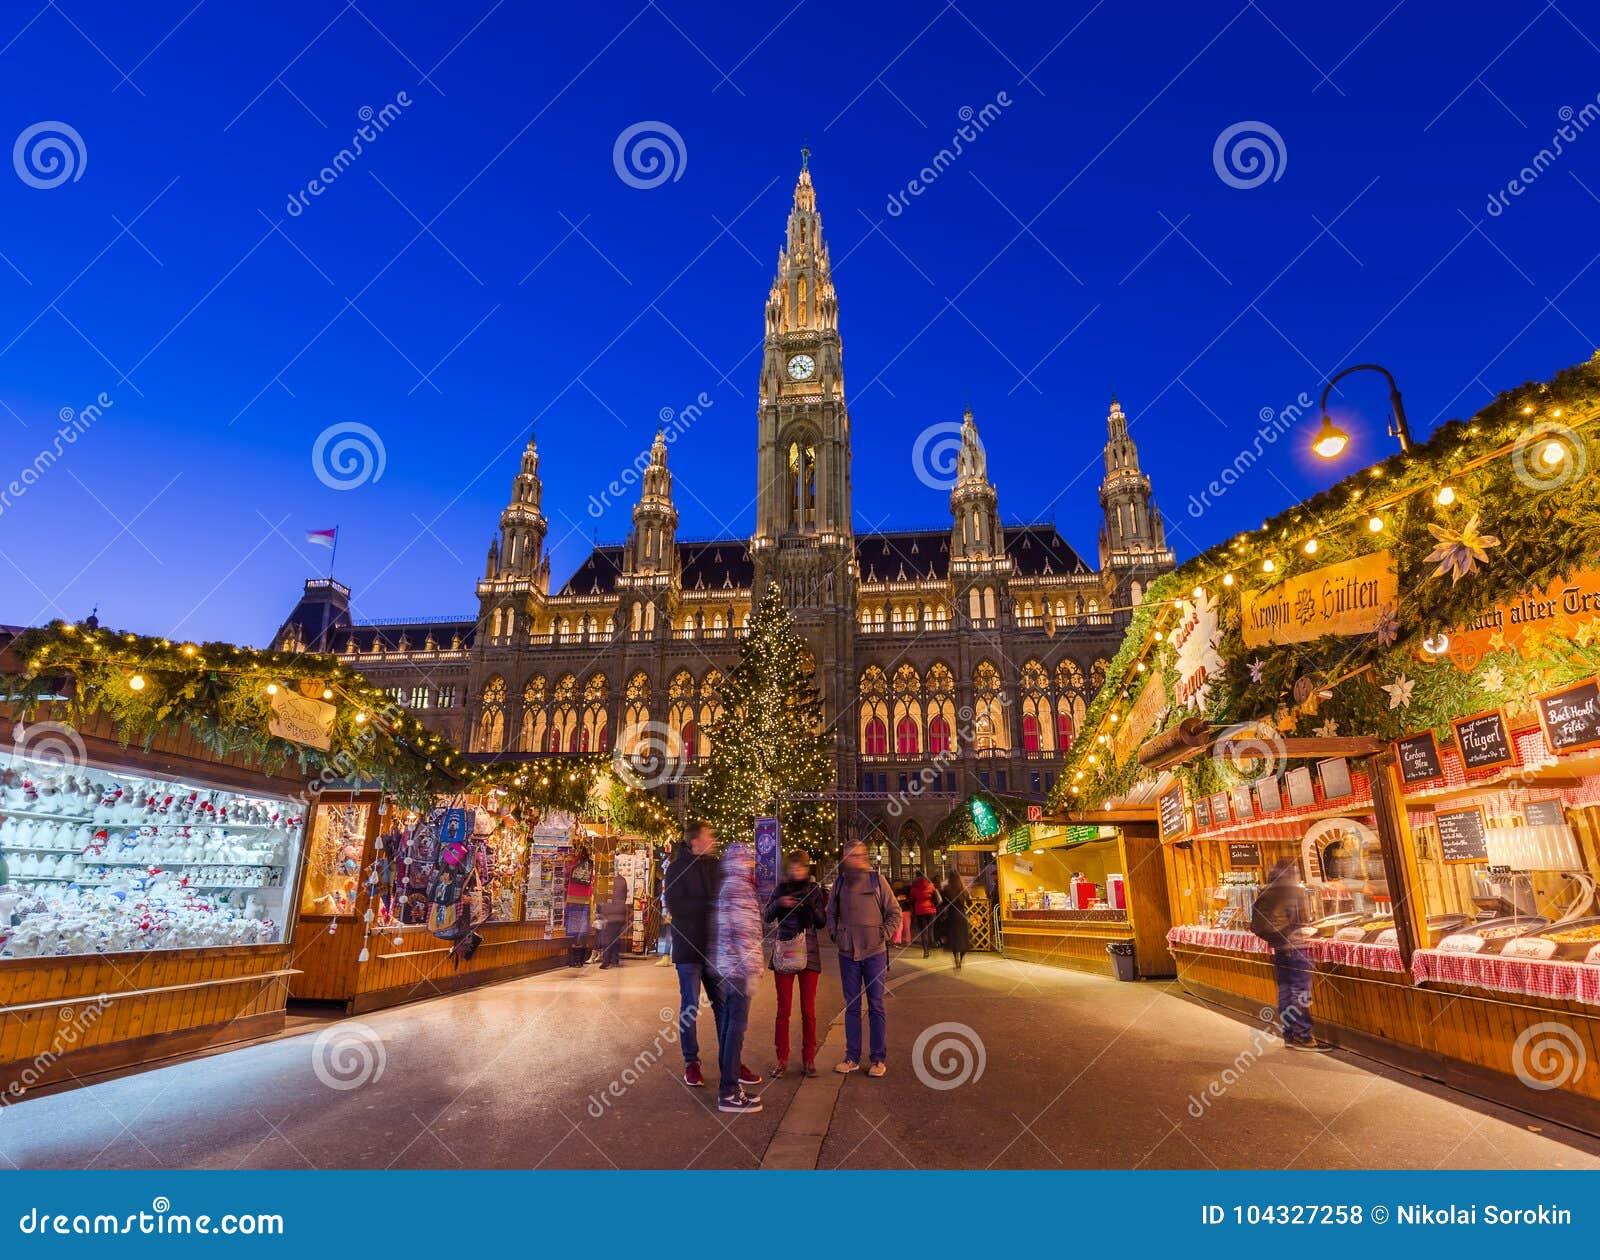 WENEN, OOSTENRIJK - DECEMBER 29, 2016: Kerstmismarkt dichtbij Stad